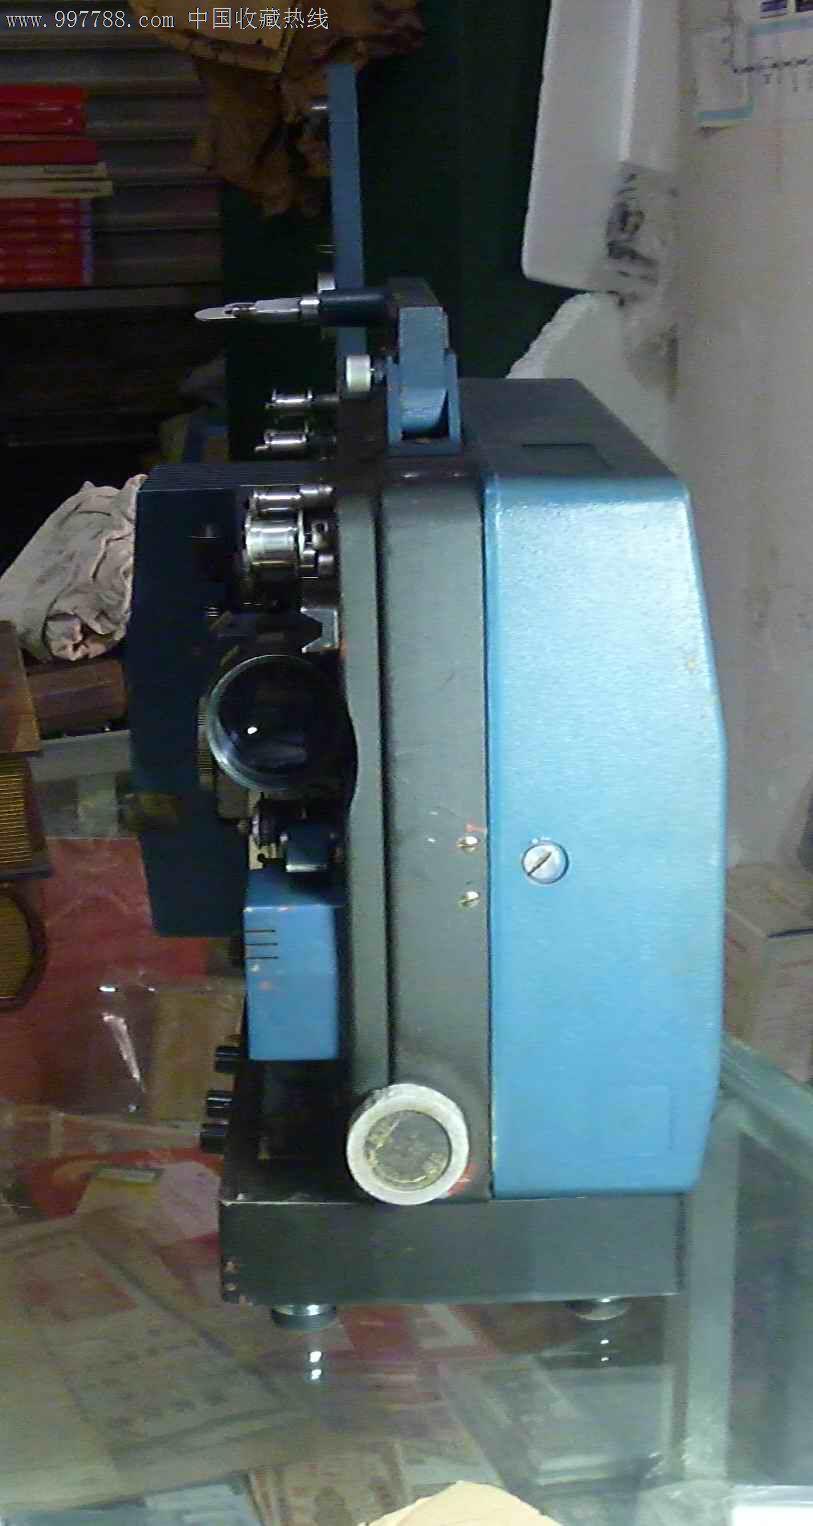 电影机放映机---1图片